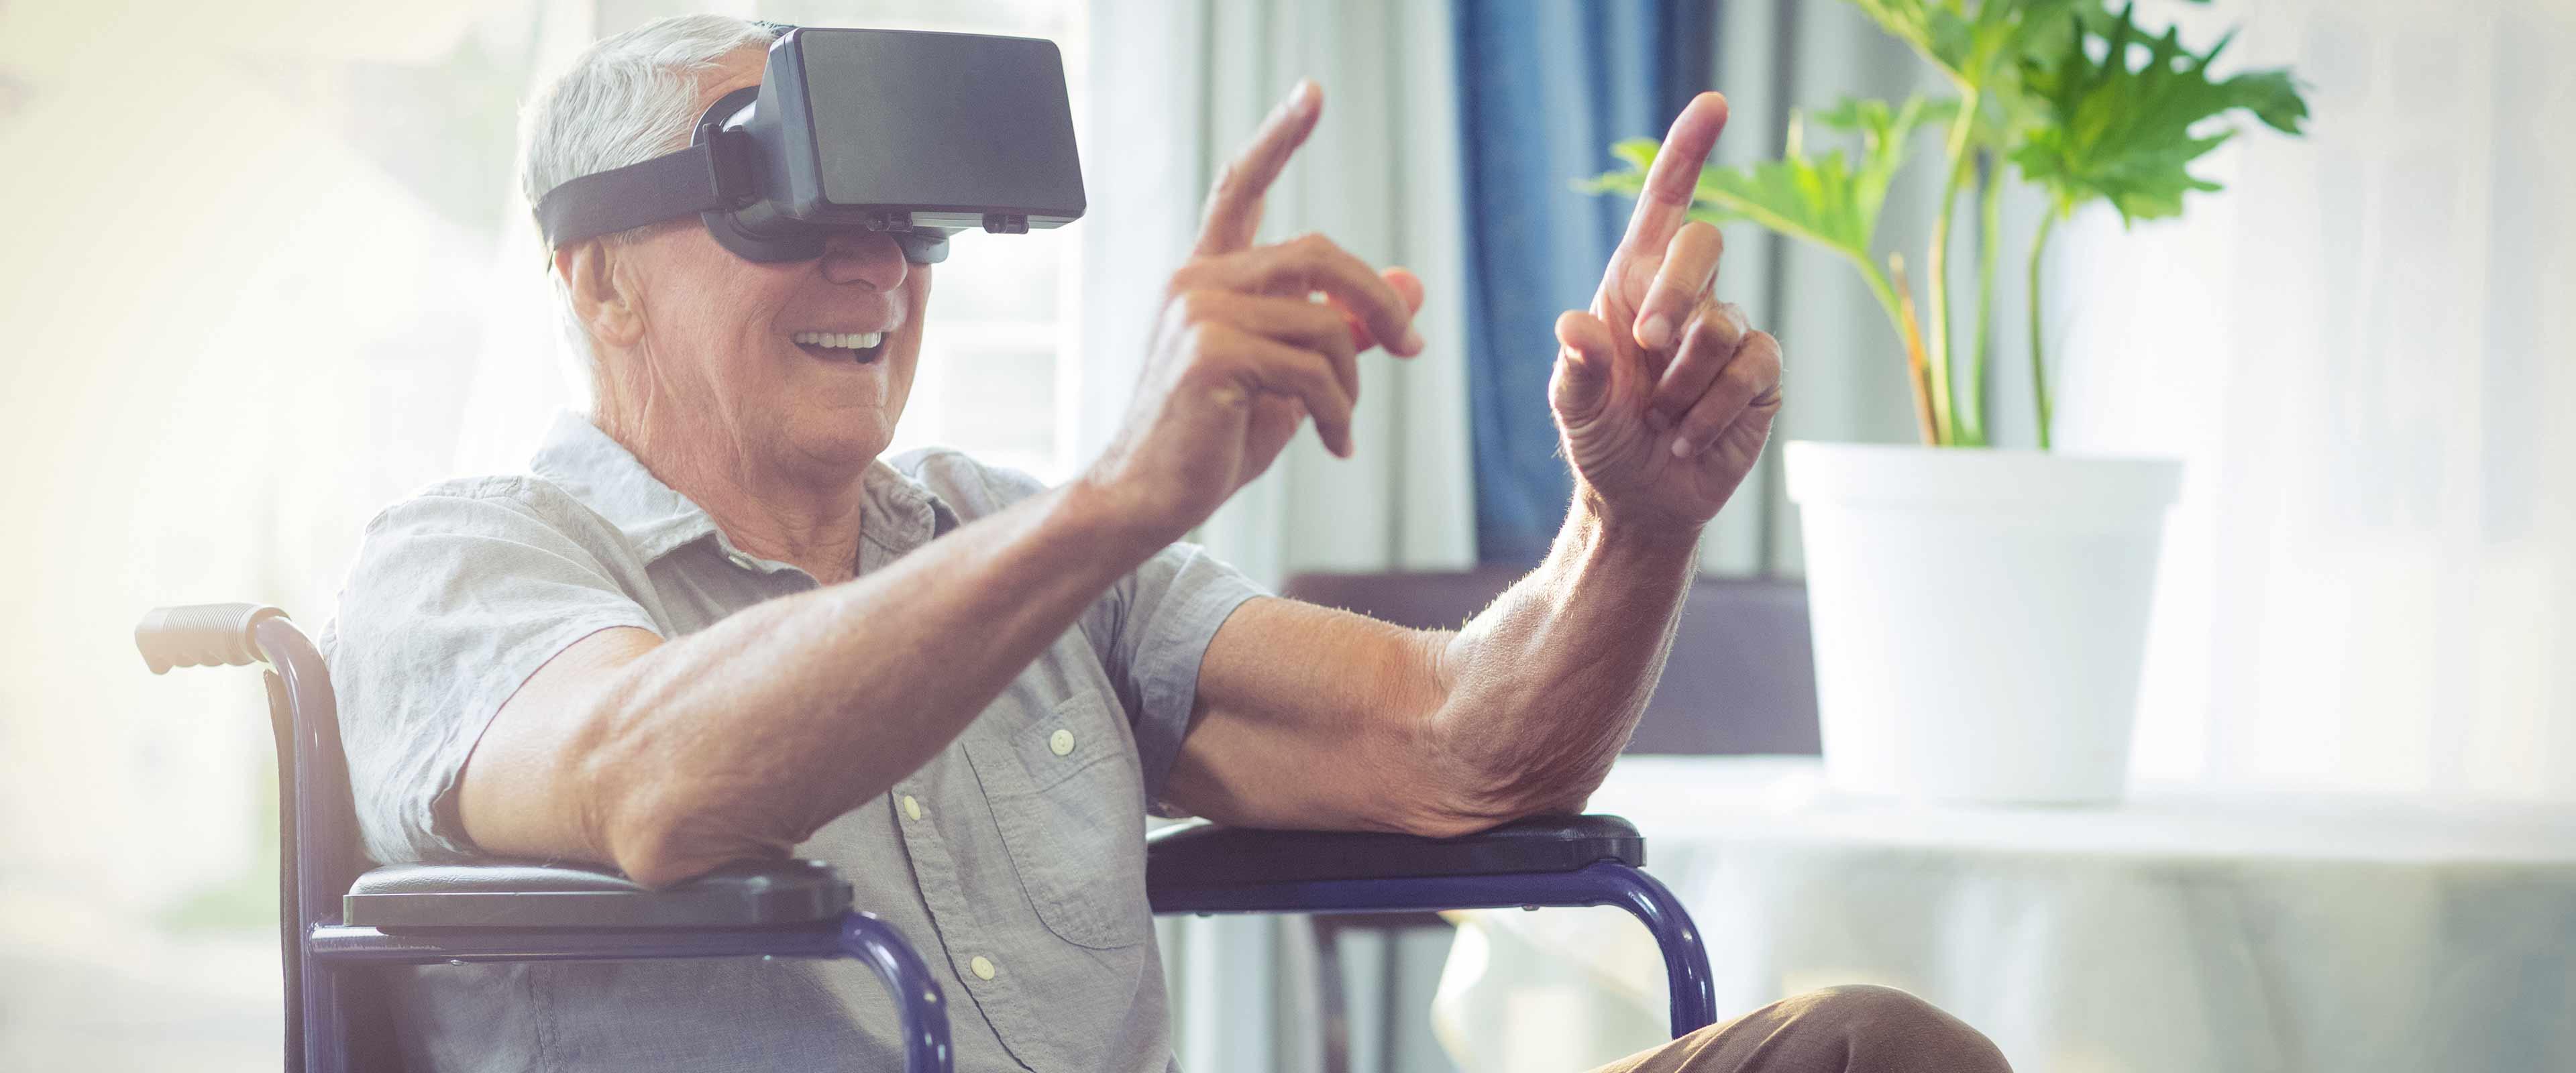 virtual-reality-vr-whatshealth